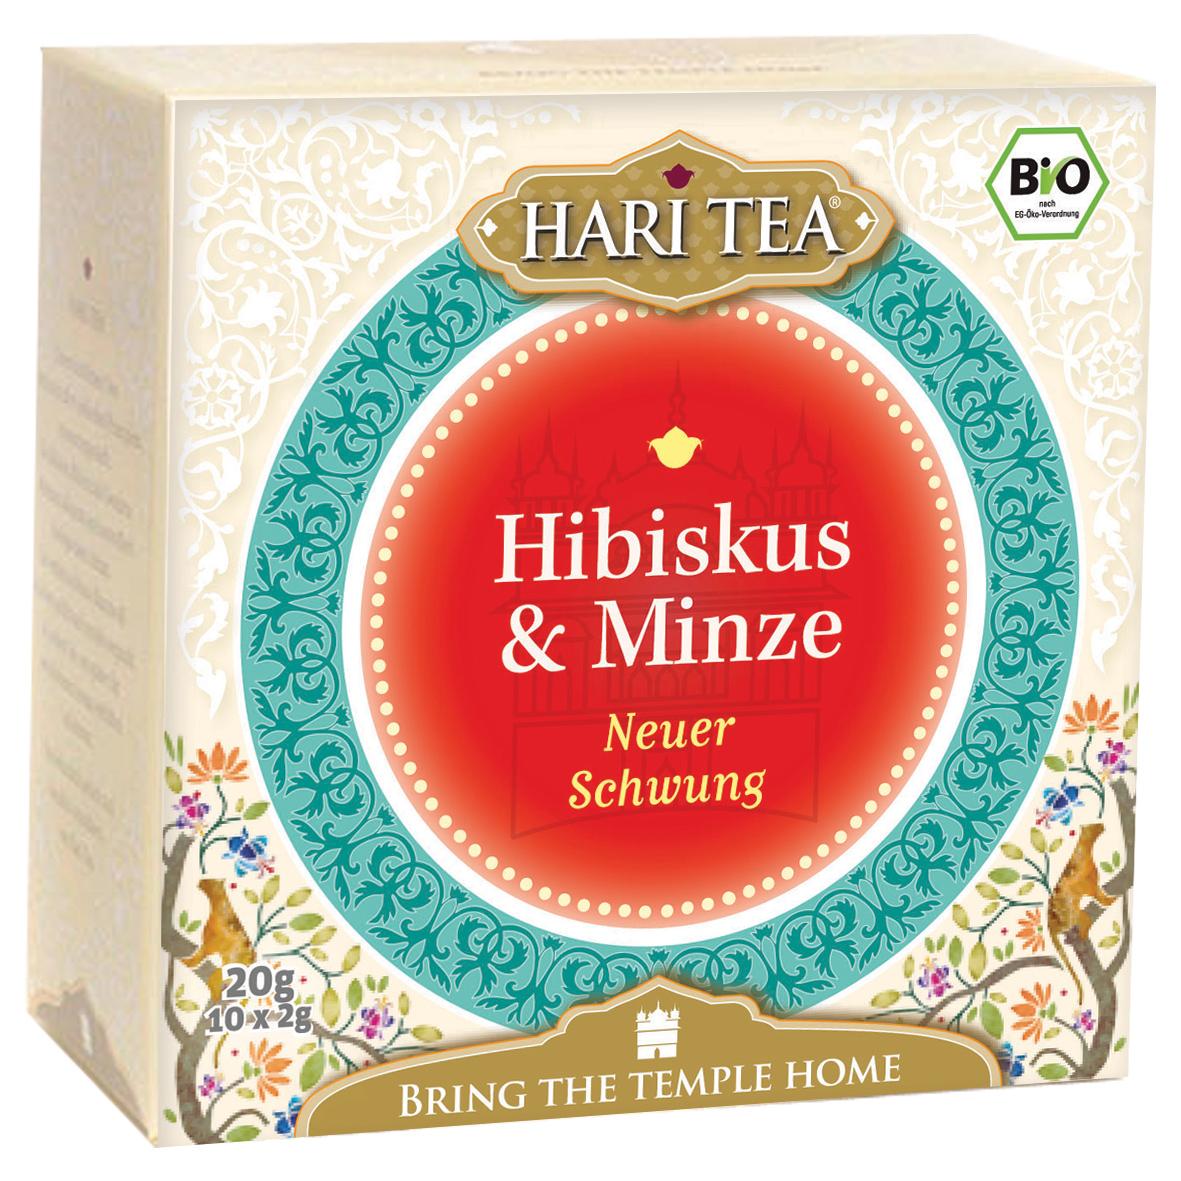 Bio Hibiskus & Minze Teemischung, 20 g